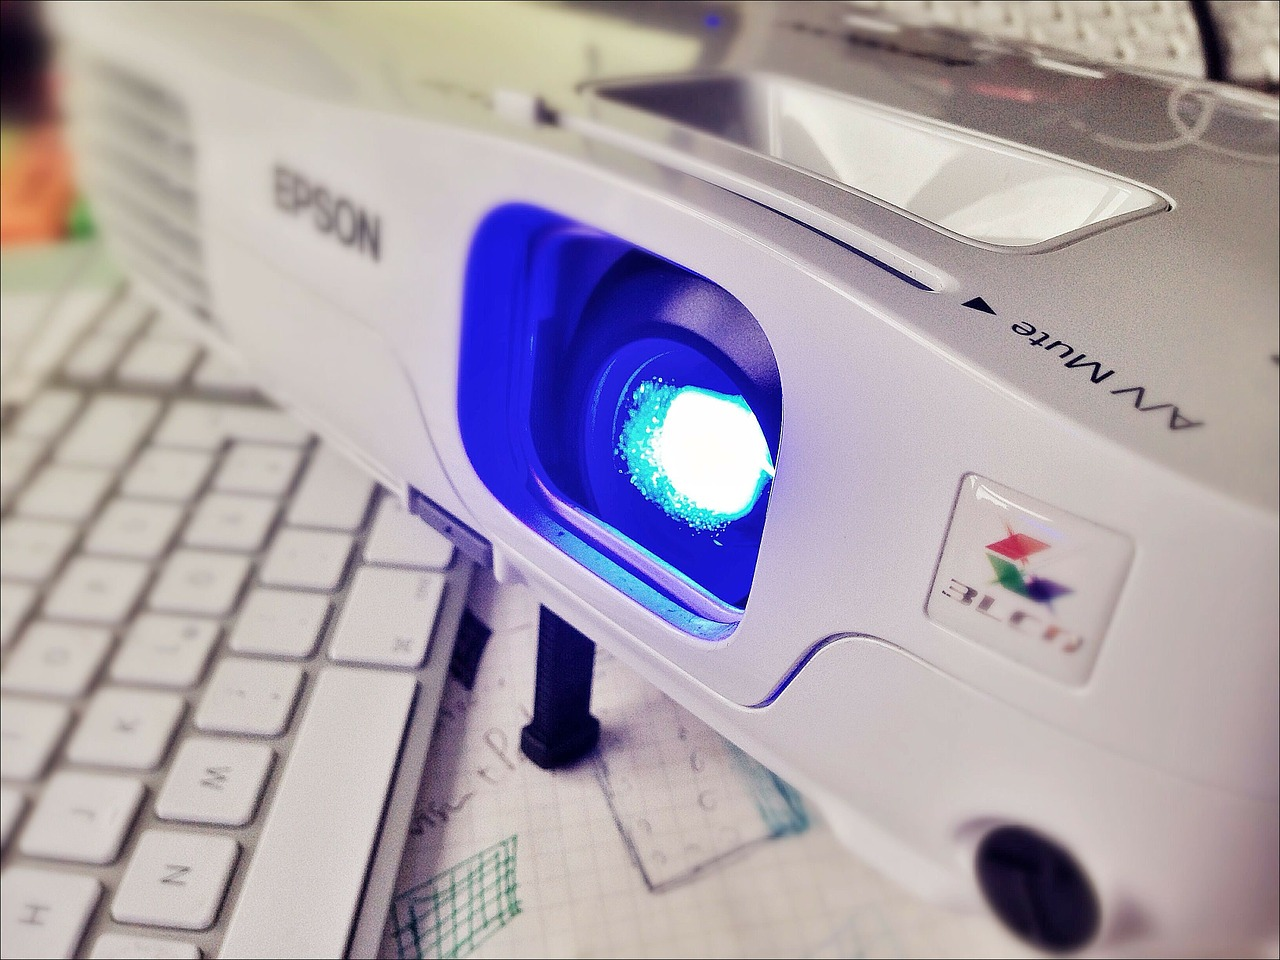 Comprare il migliore videoproiettore sotto i 1000 euro: la classifica e la guida ragionata all'acquisto